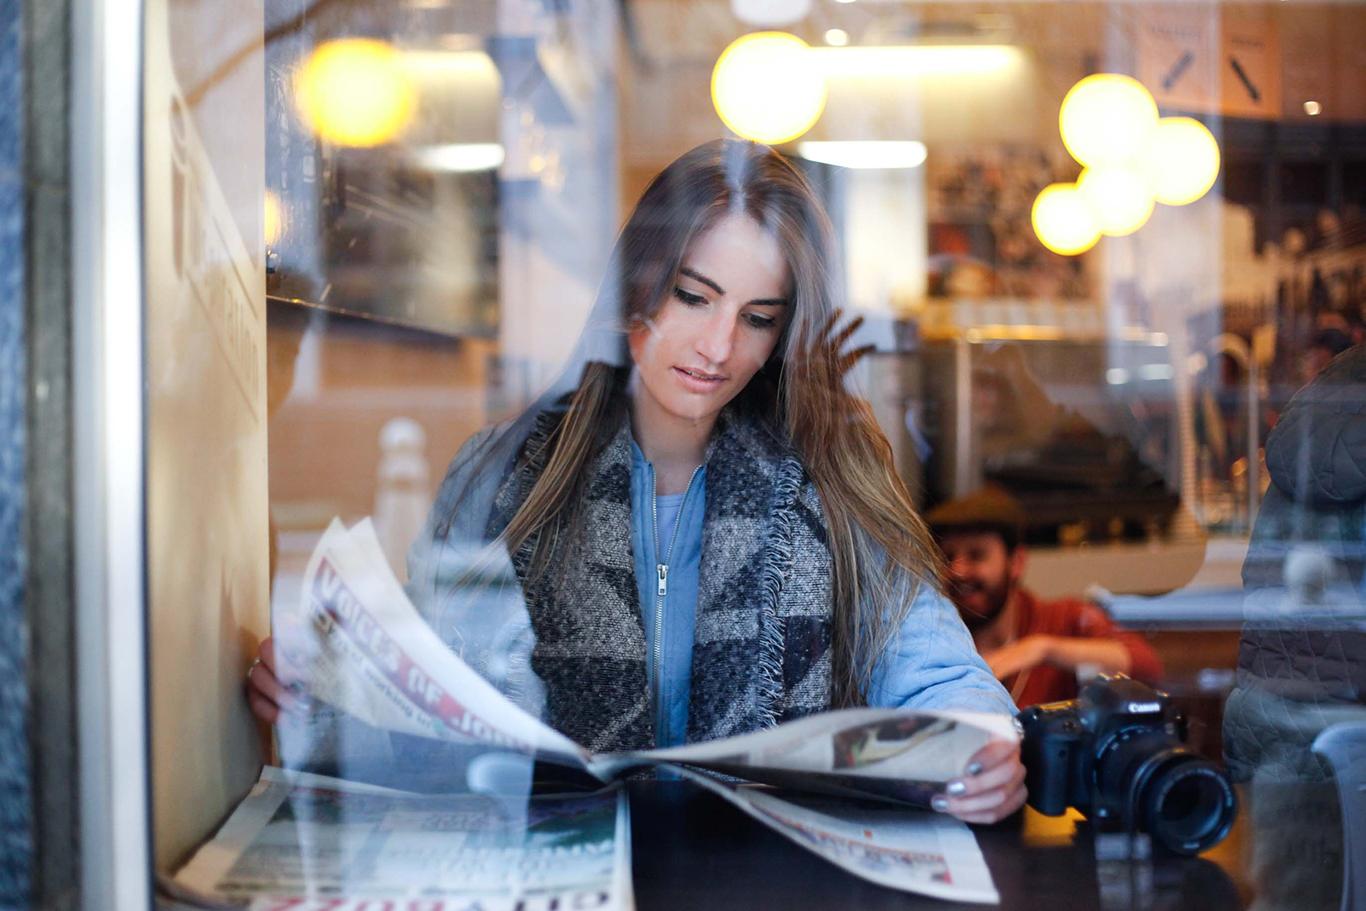 Estudiante leyendo las noticias